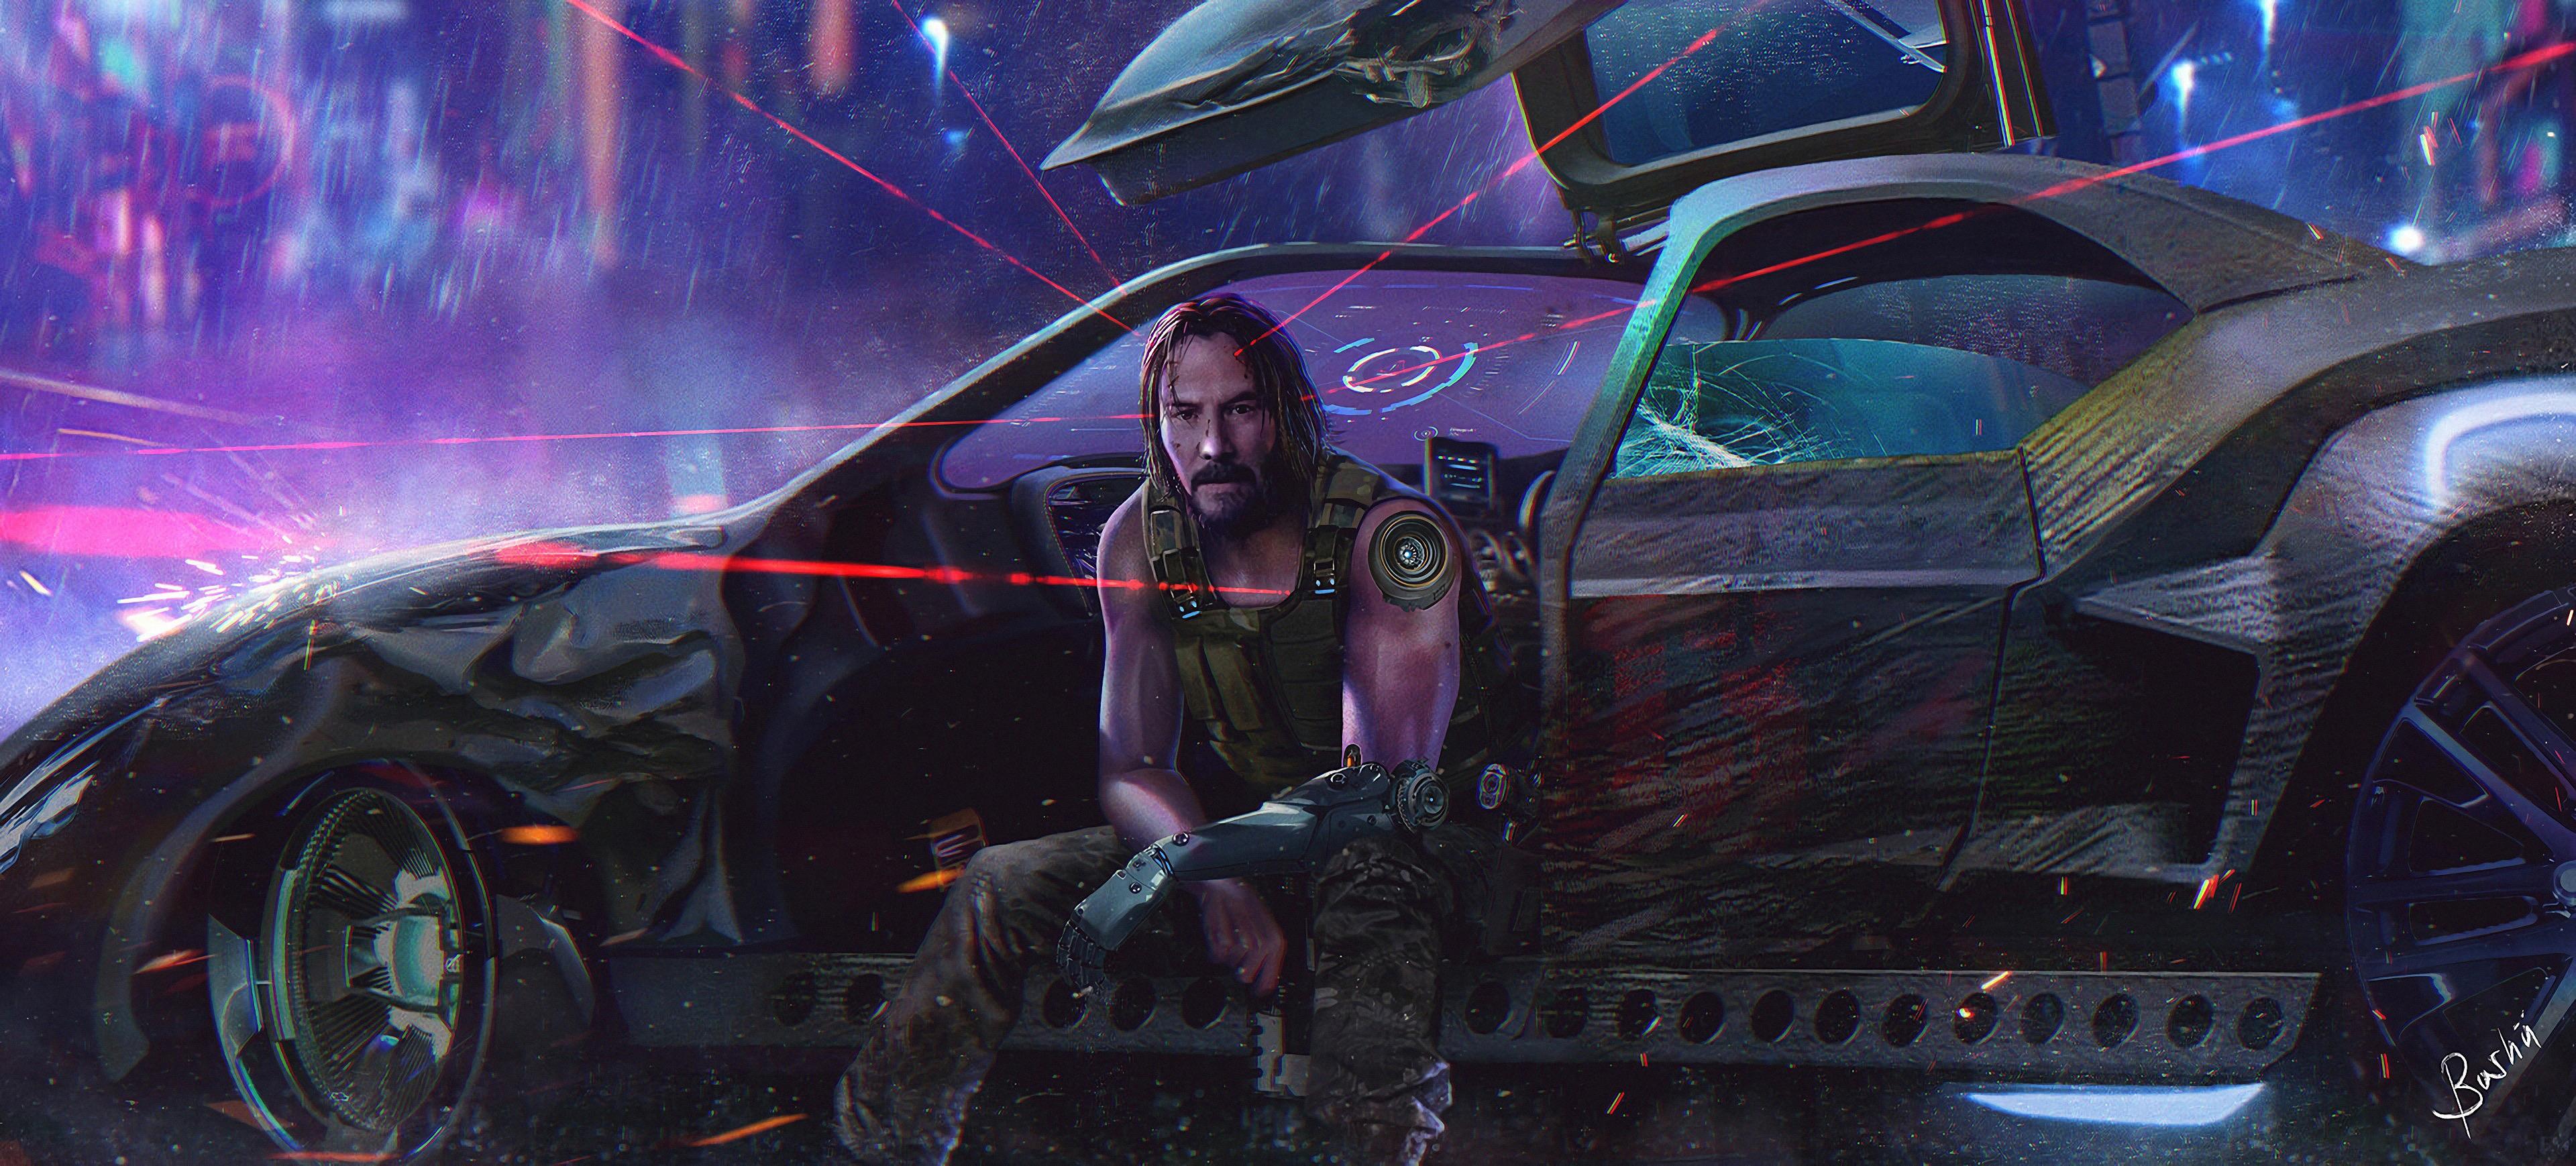 Cyberpunk 2077.jpg - Cyberpunk 2077